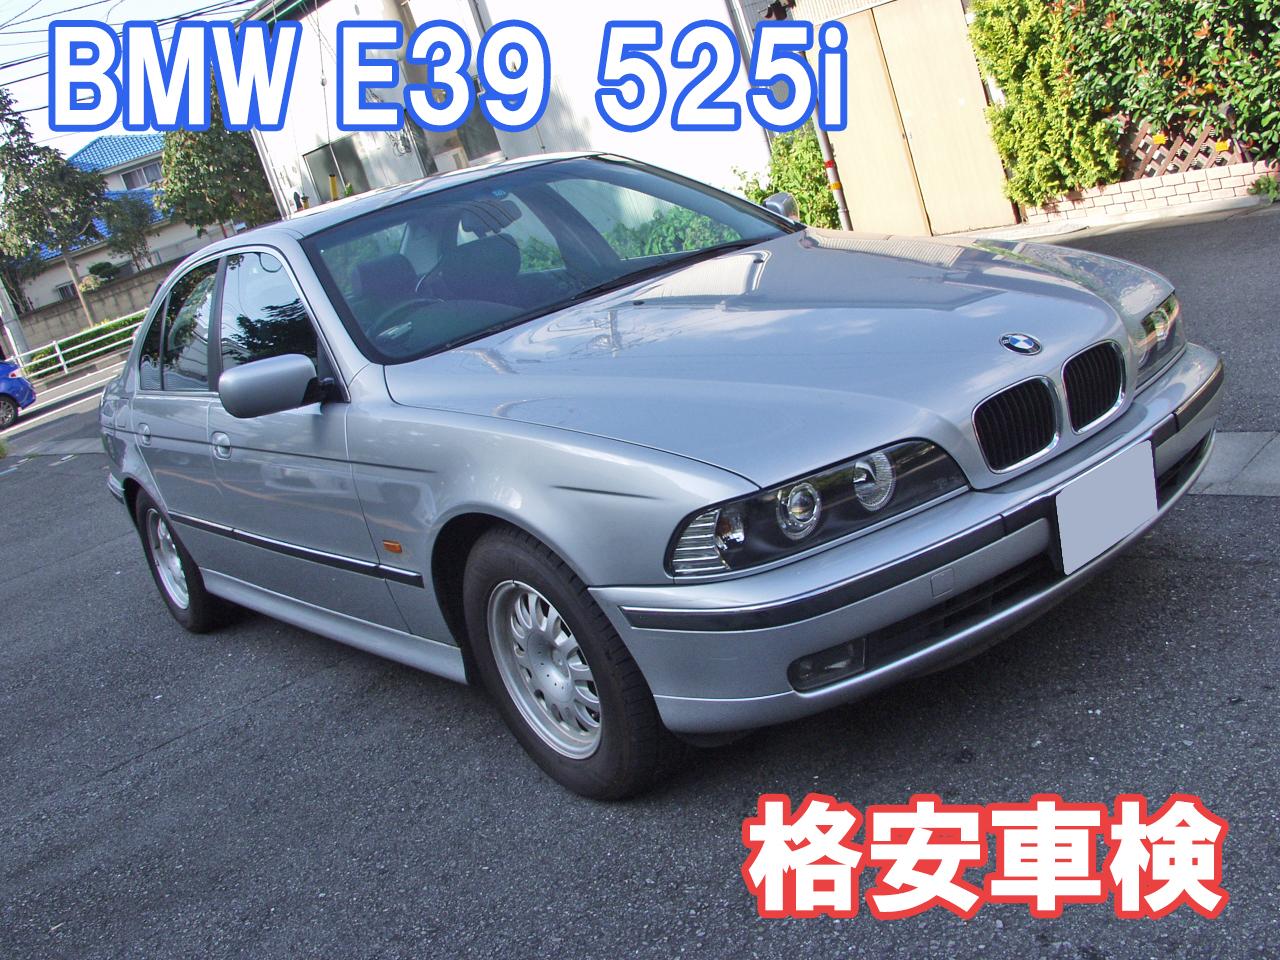 BMW E39 525i の格安車検の紹介